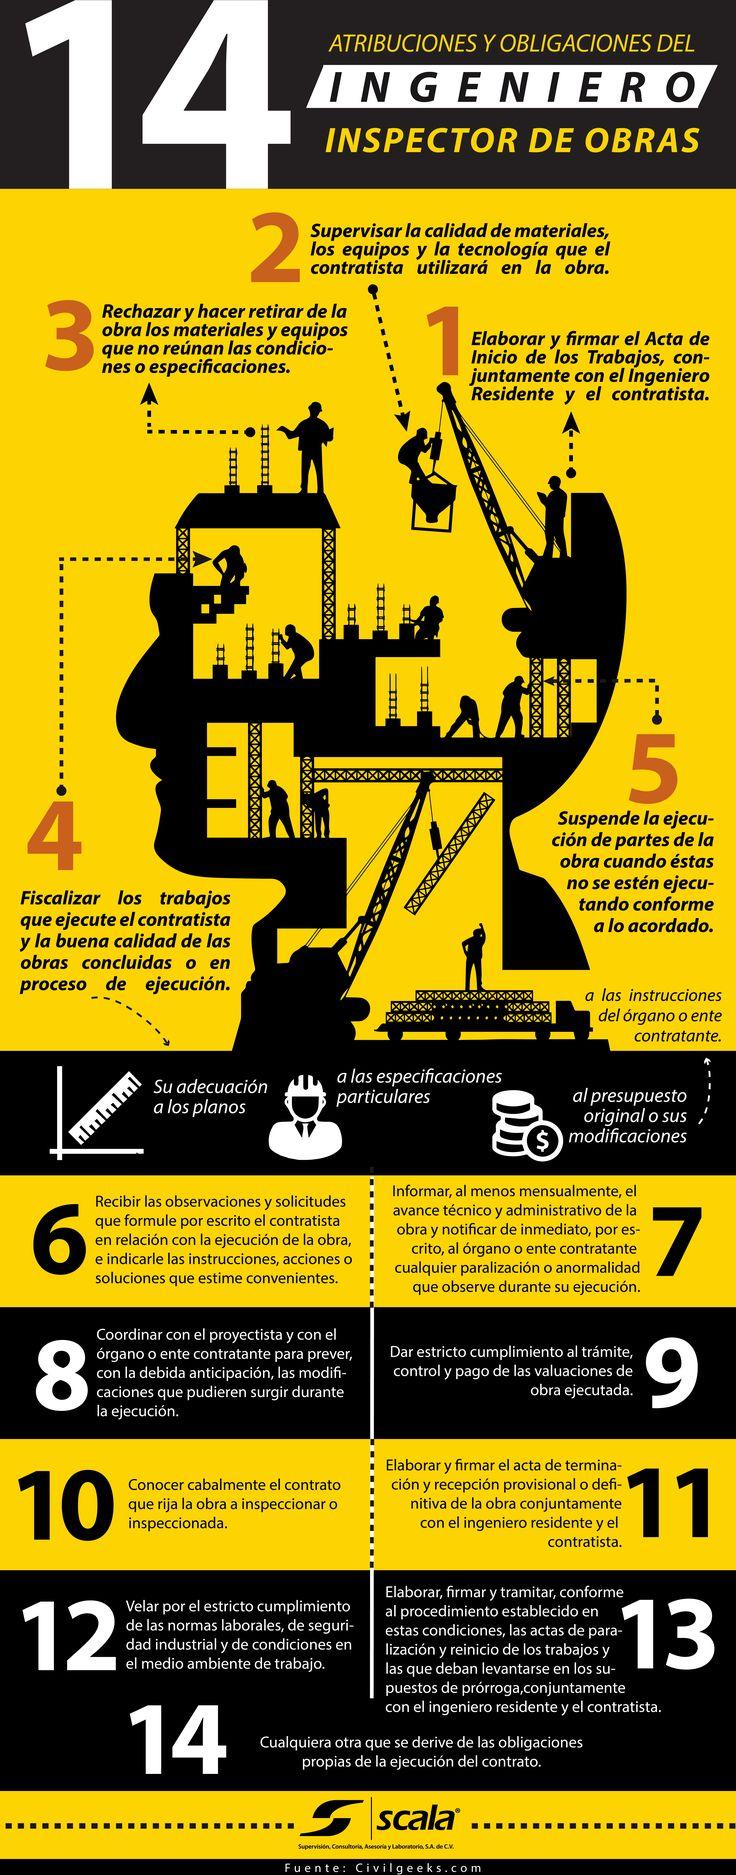 Ingeniería Civil 14 atribuciones y obligaciones del Ingeniero inspector de obras.